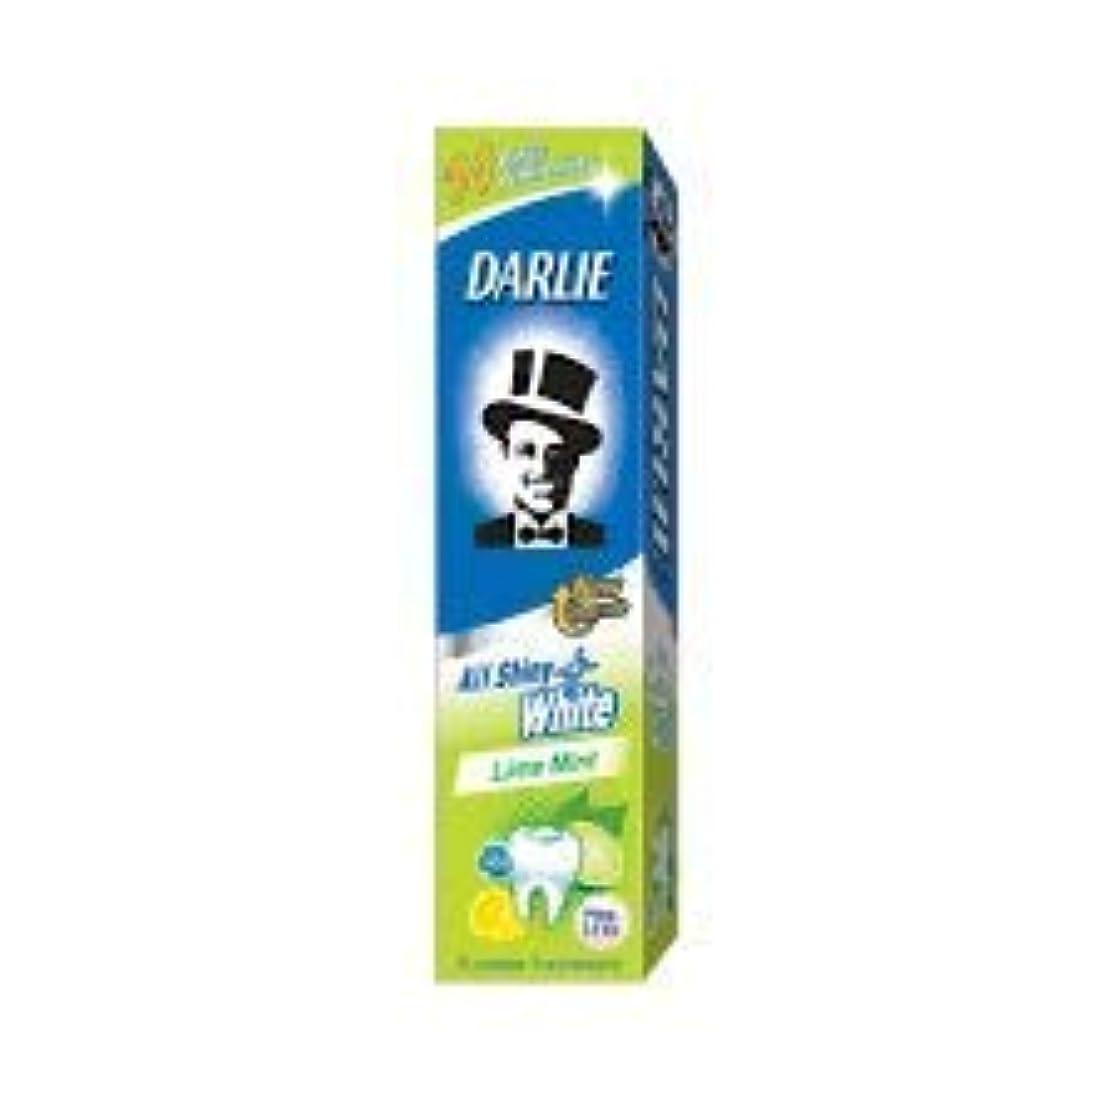 きつく趣味三角DARLIE 歯磨き粉すべての光沢のあるホワイトライムミント140g - 虫歯と戦い、歯を保護するフッ化物を含みます